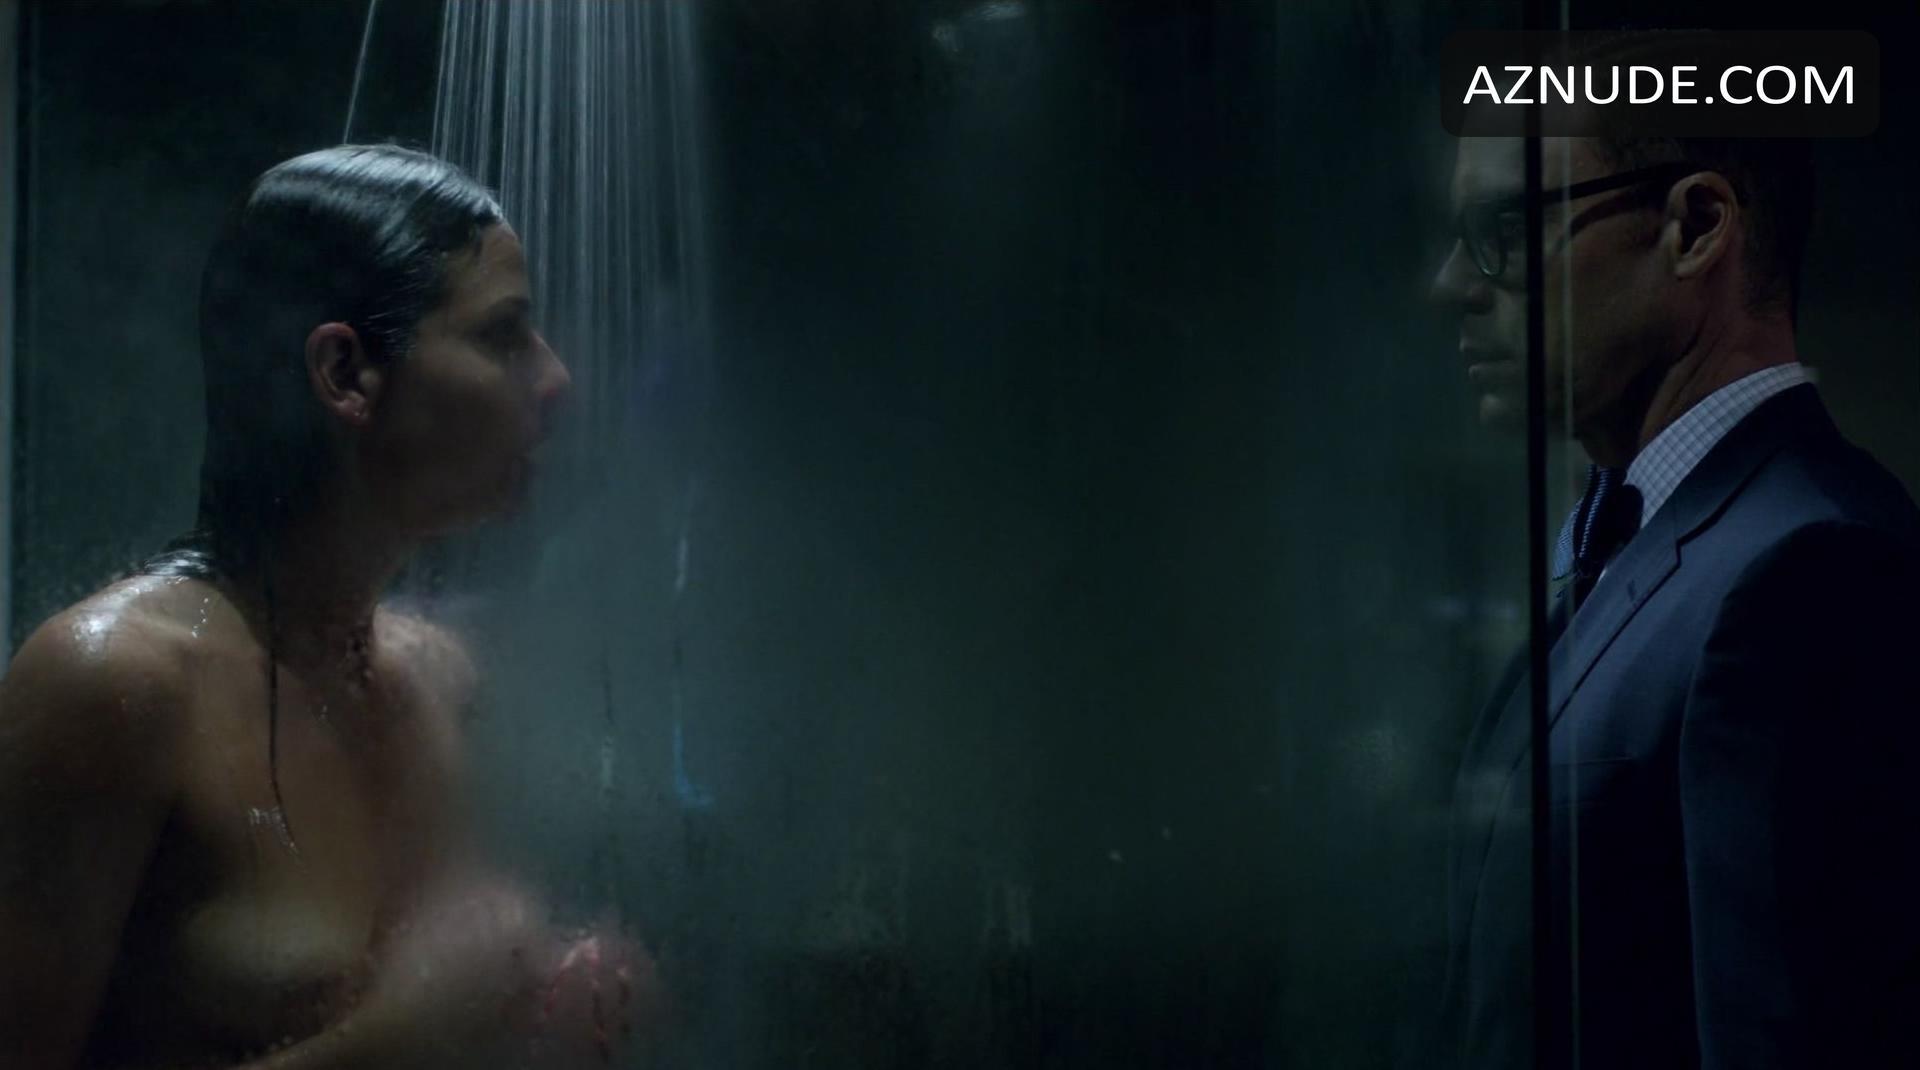 Ana Ayora Nude ana ayora nude - aznude